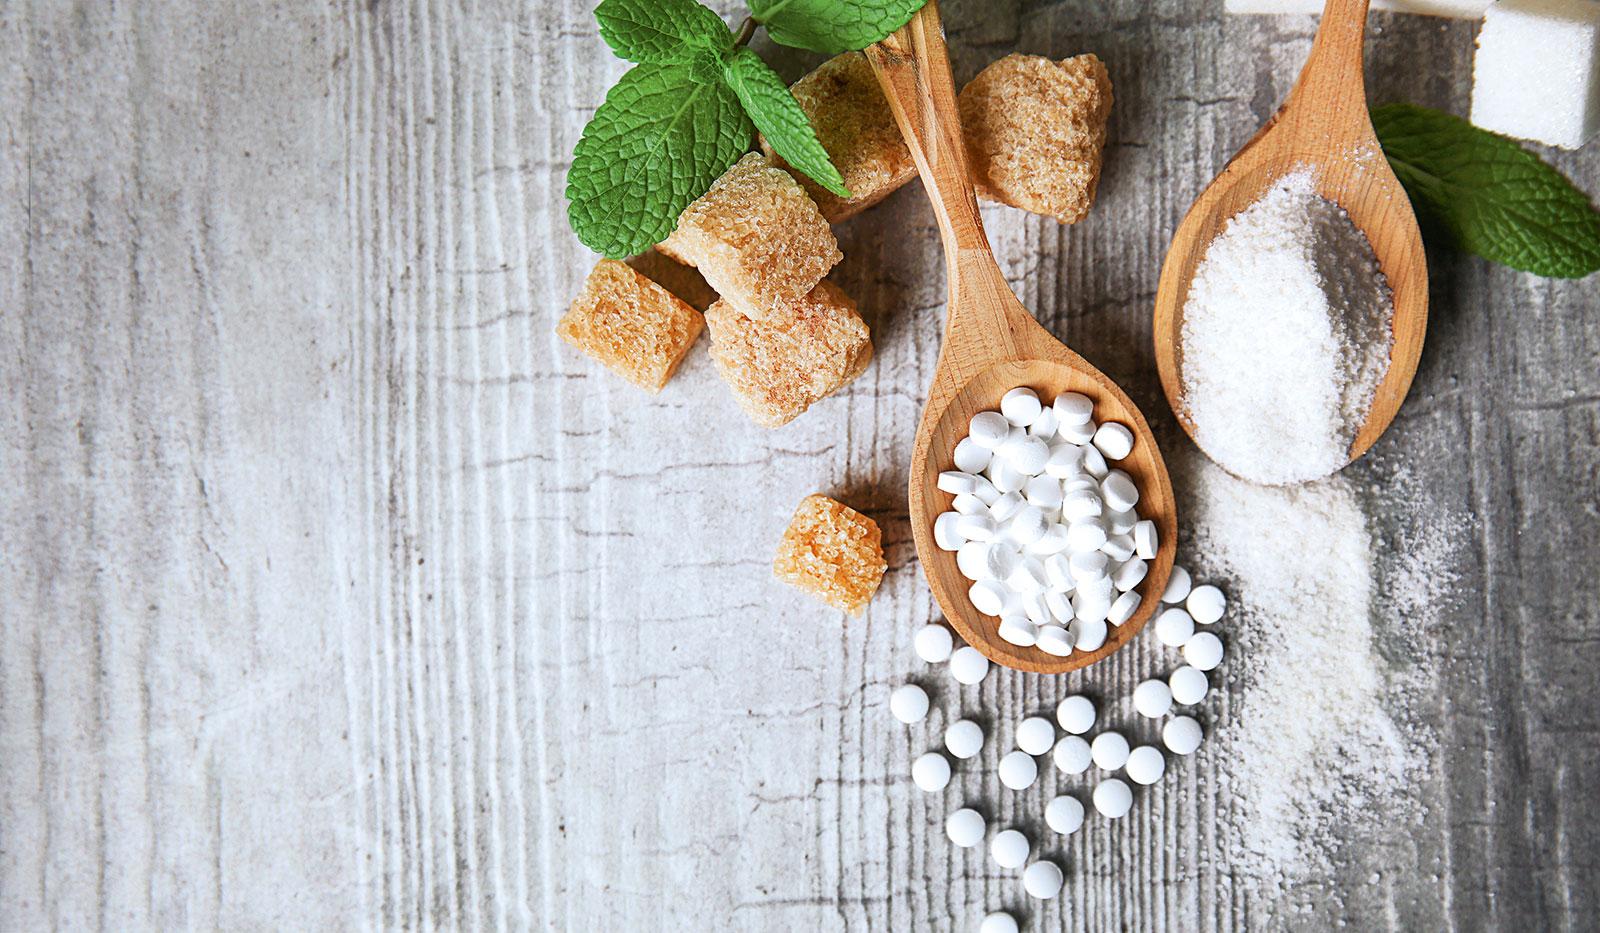 Holzlöffel mit Zucker und Zuckerersatzmitteln